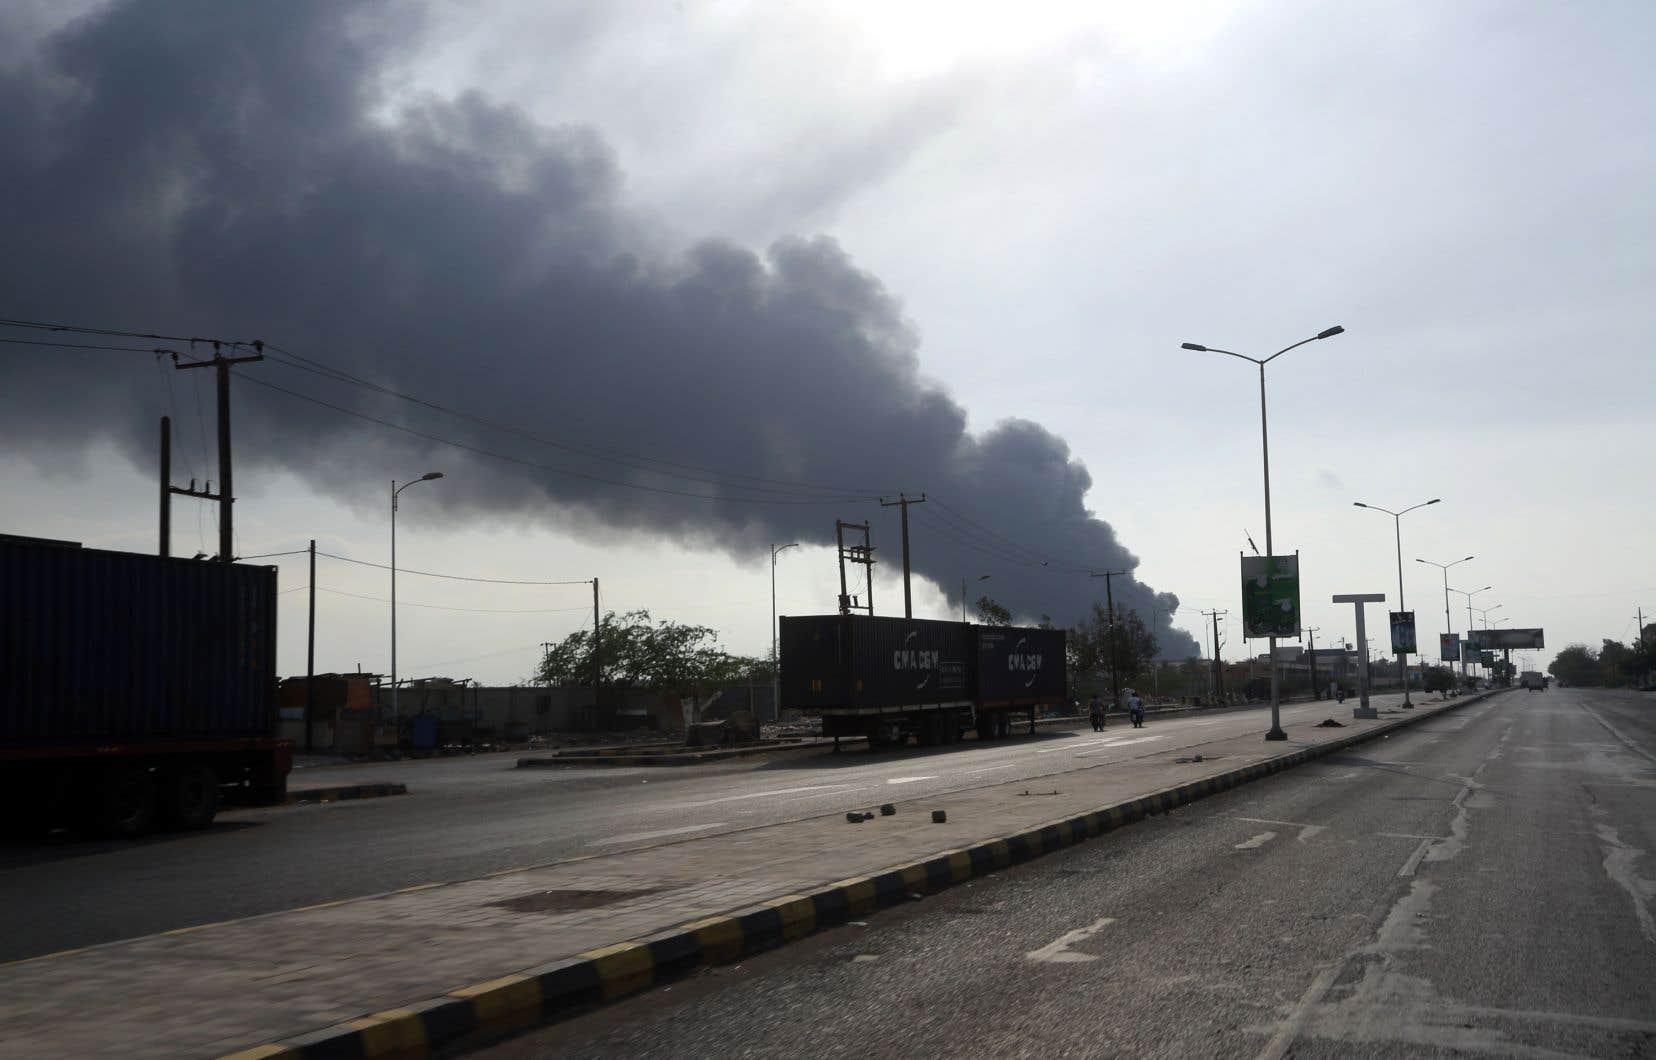 La télévision al-Massirah, contrôlée par les rebelles, a évoqué un raid aérien contre un camp de personnes déplacées et affirmé que des femmes et des enfants figuraient parmi les morts.